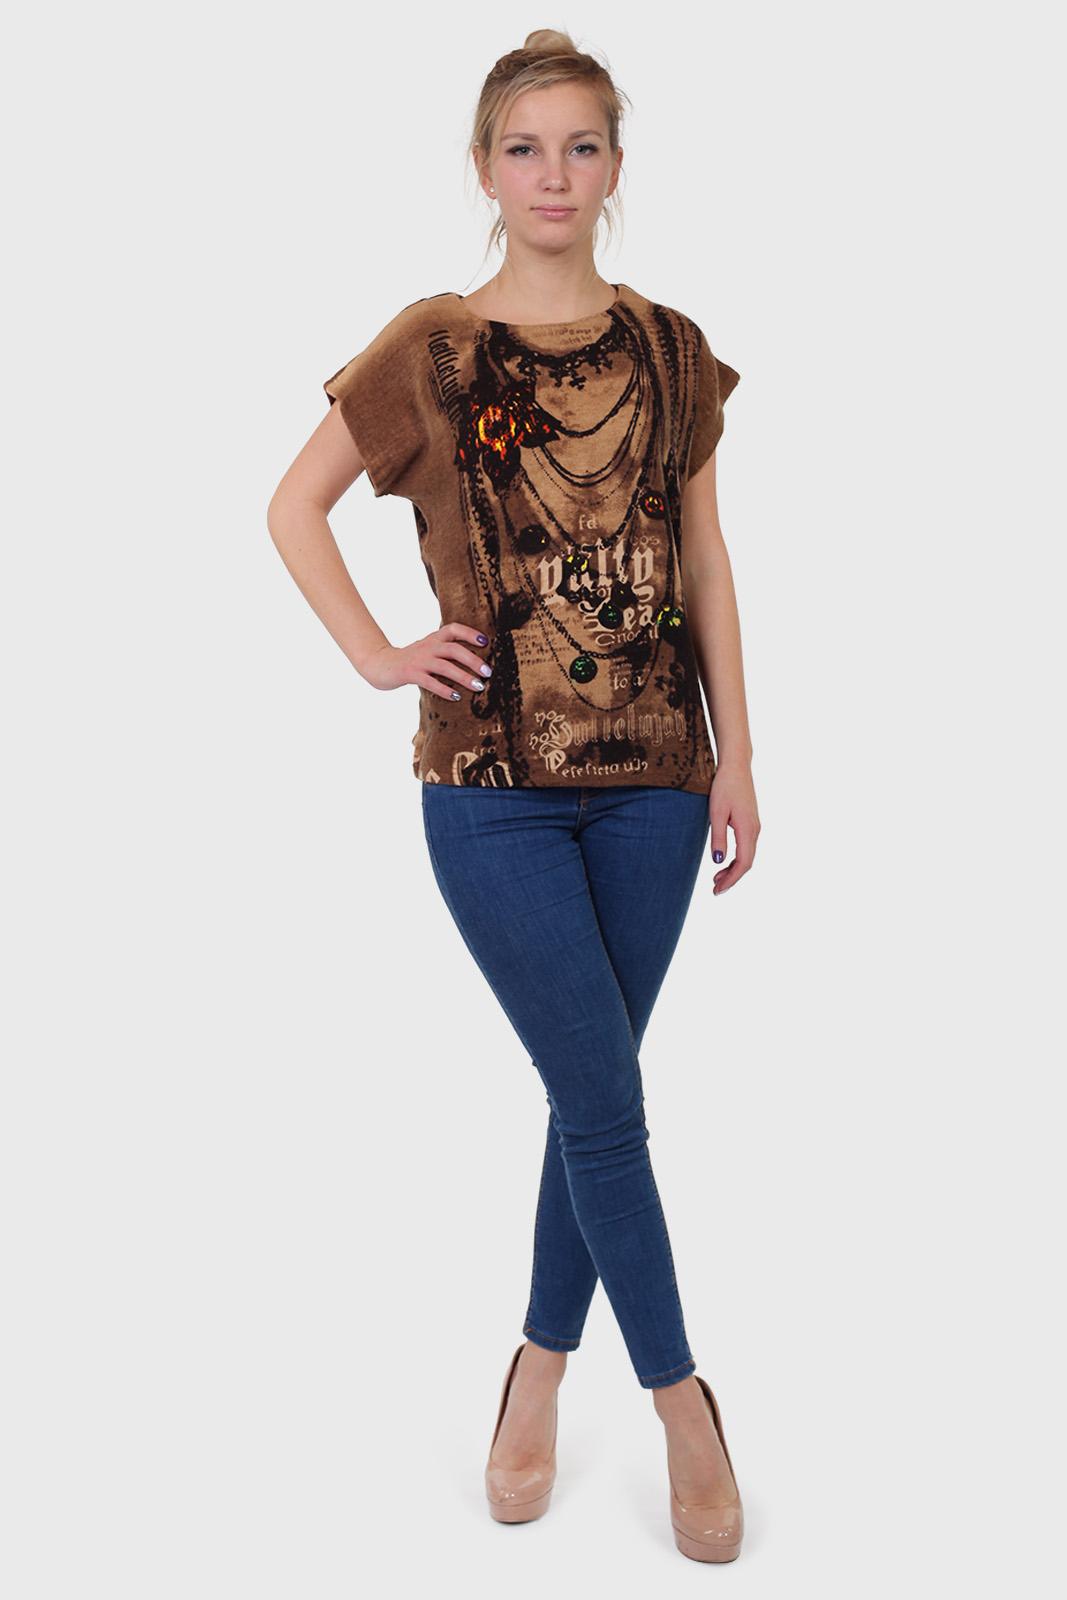 Купить в интернет магазине модную женскую тунику